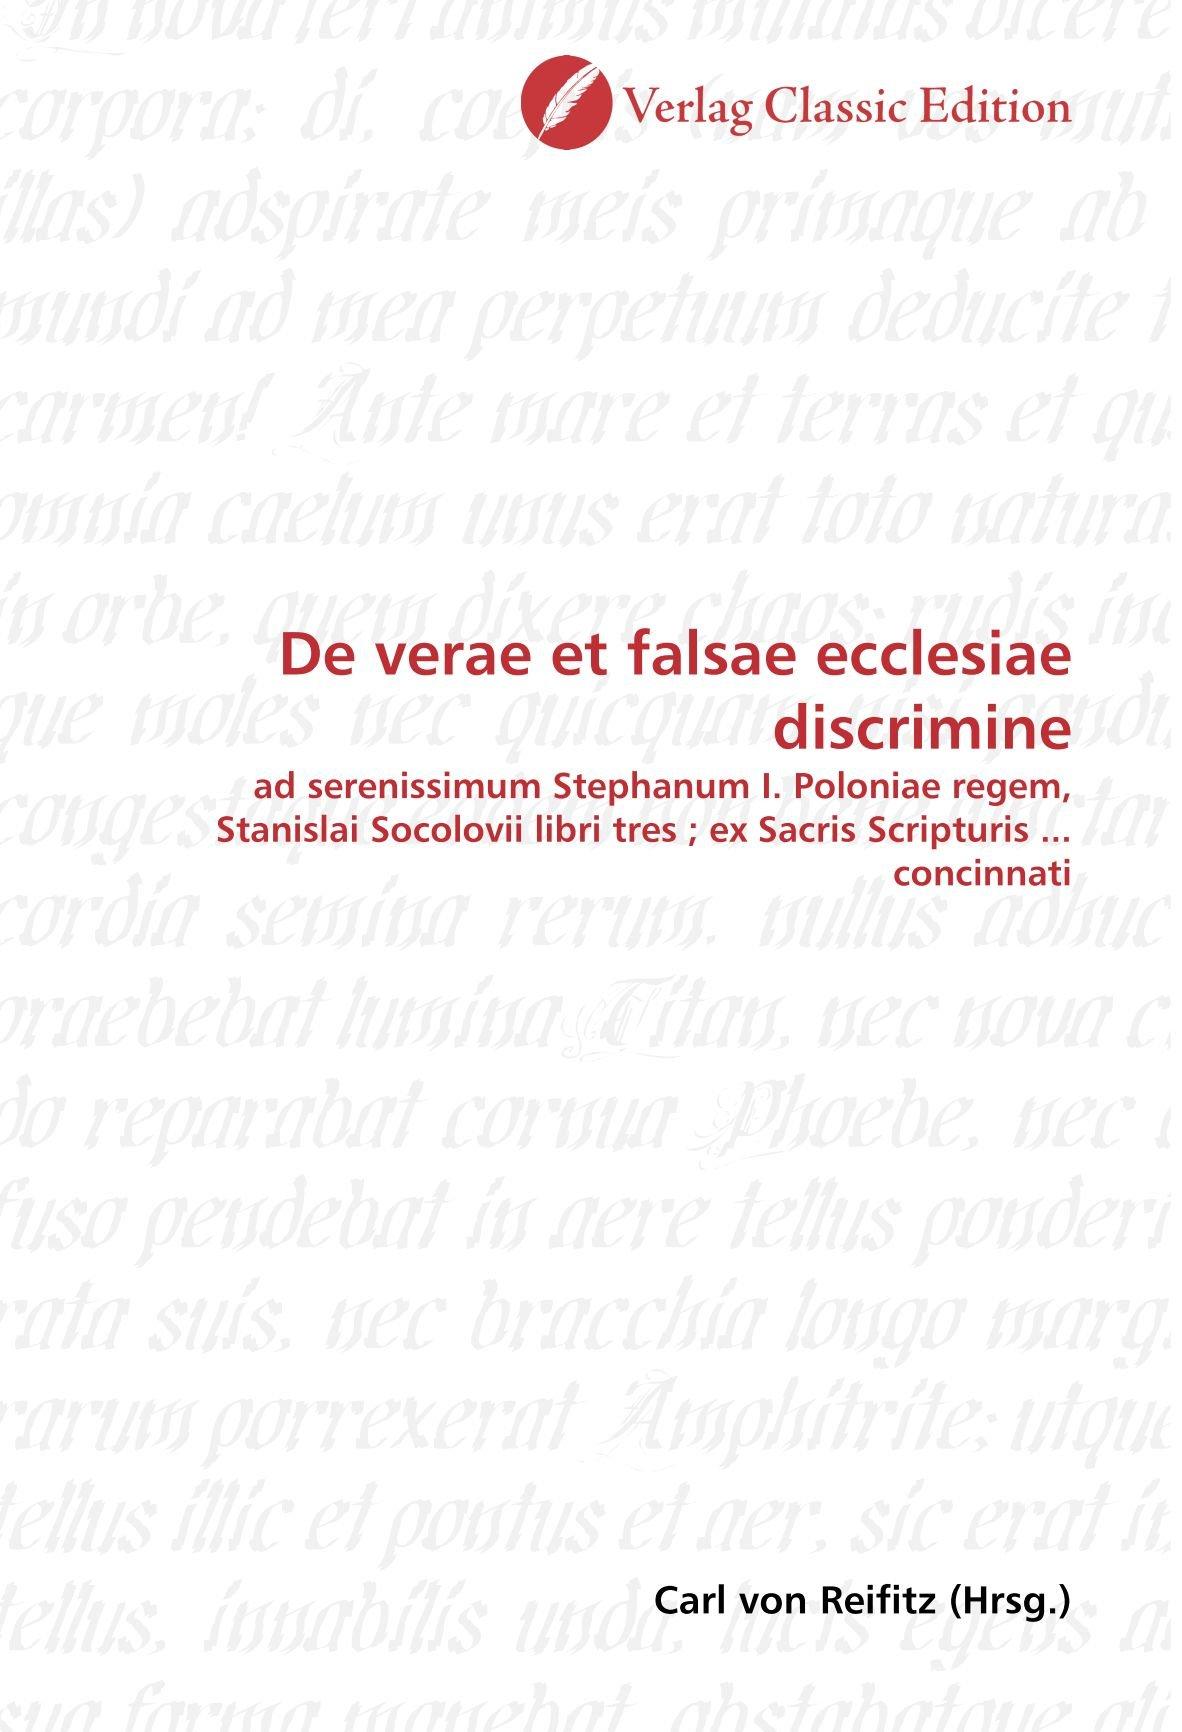 Download De verae et falsae ecclesiae discrimine: ad serenissimum Stephanum I. Poloniae regem, Stanislai Socolovii libri tres ; ex Sacris Scripturis ... concinnati (German Edition) pdf